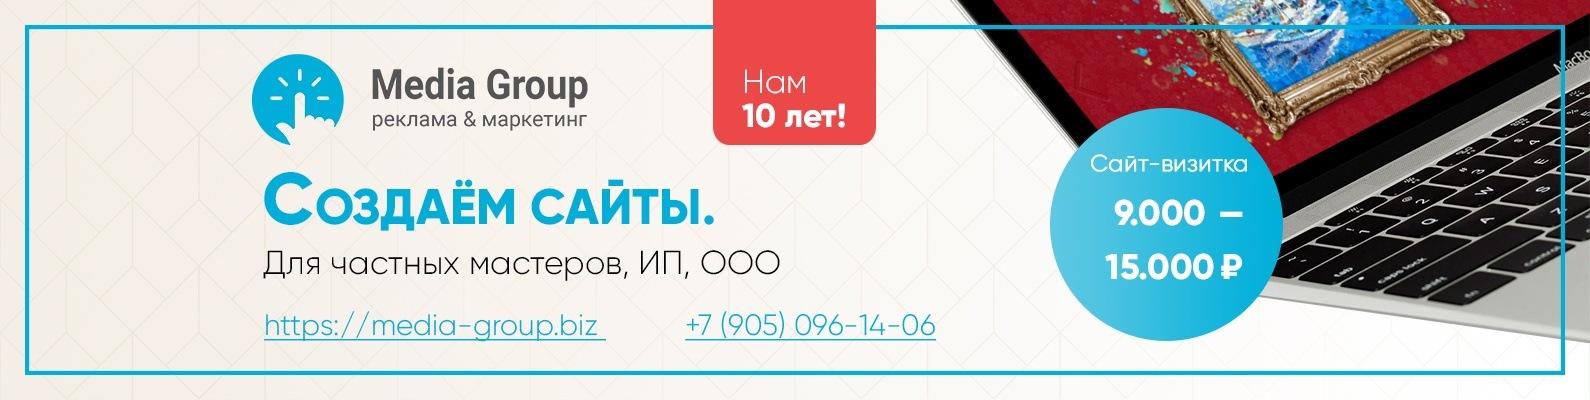 Создания сайтов в омске создание favicon иконки для сайта